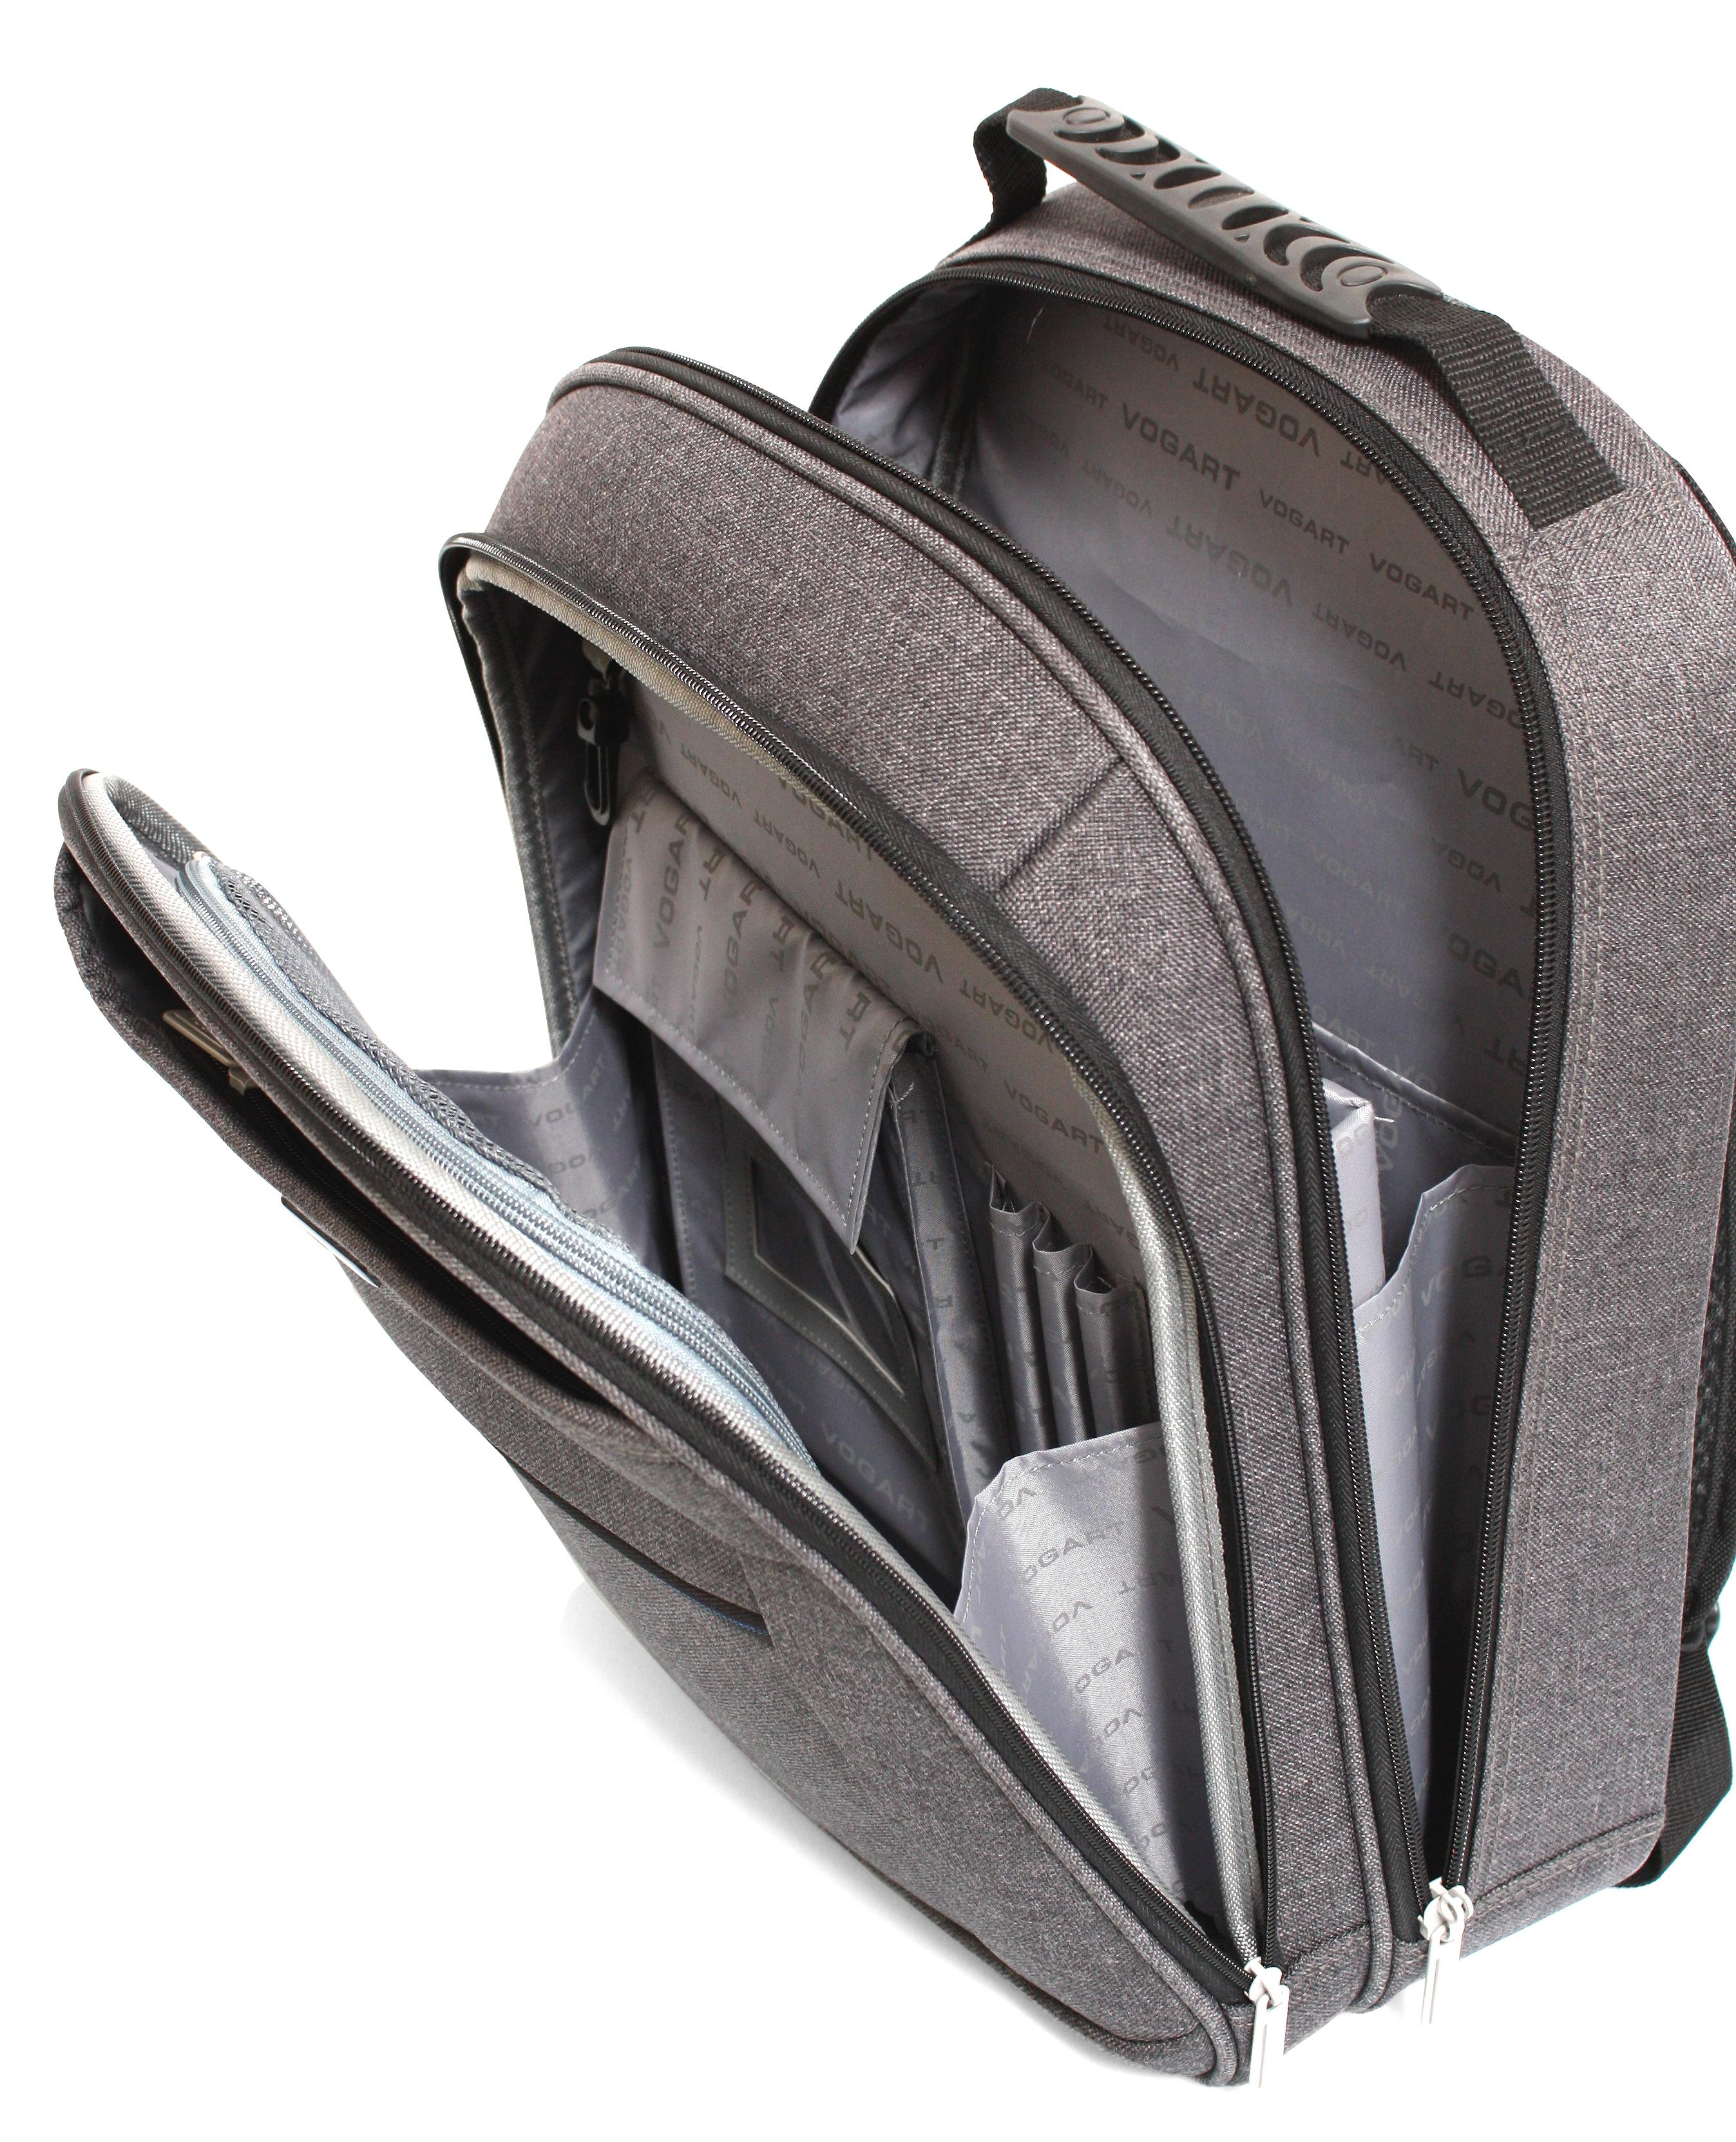 mochila fenix de vogart interior